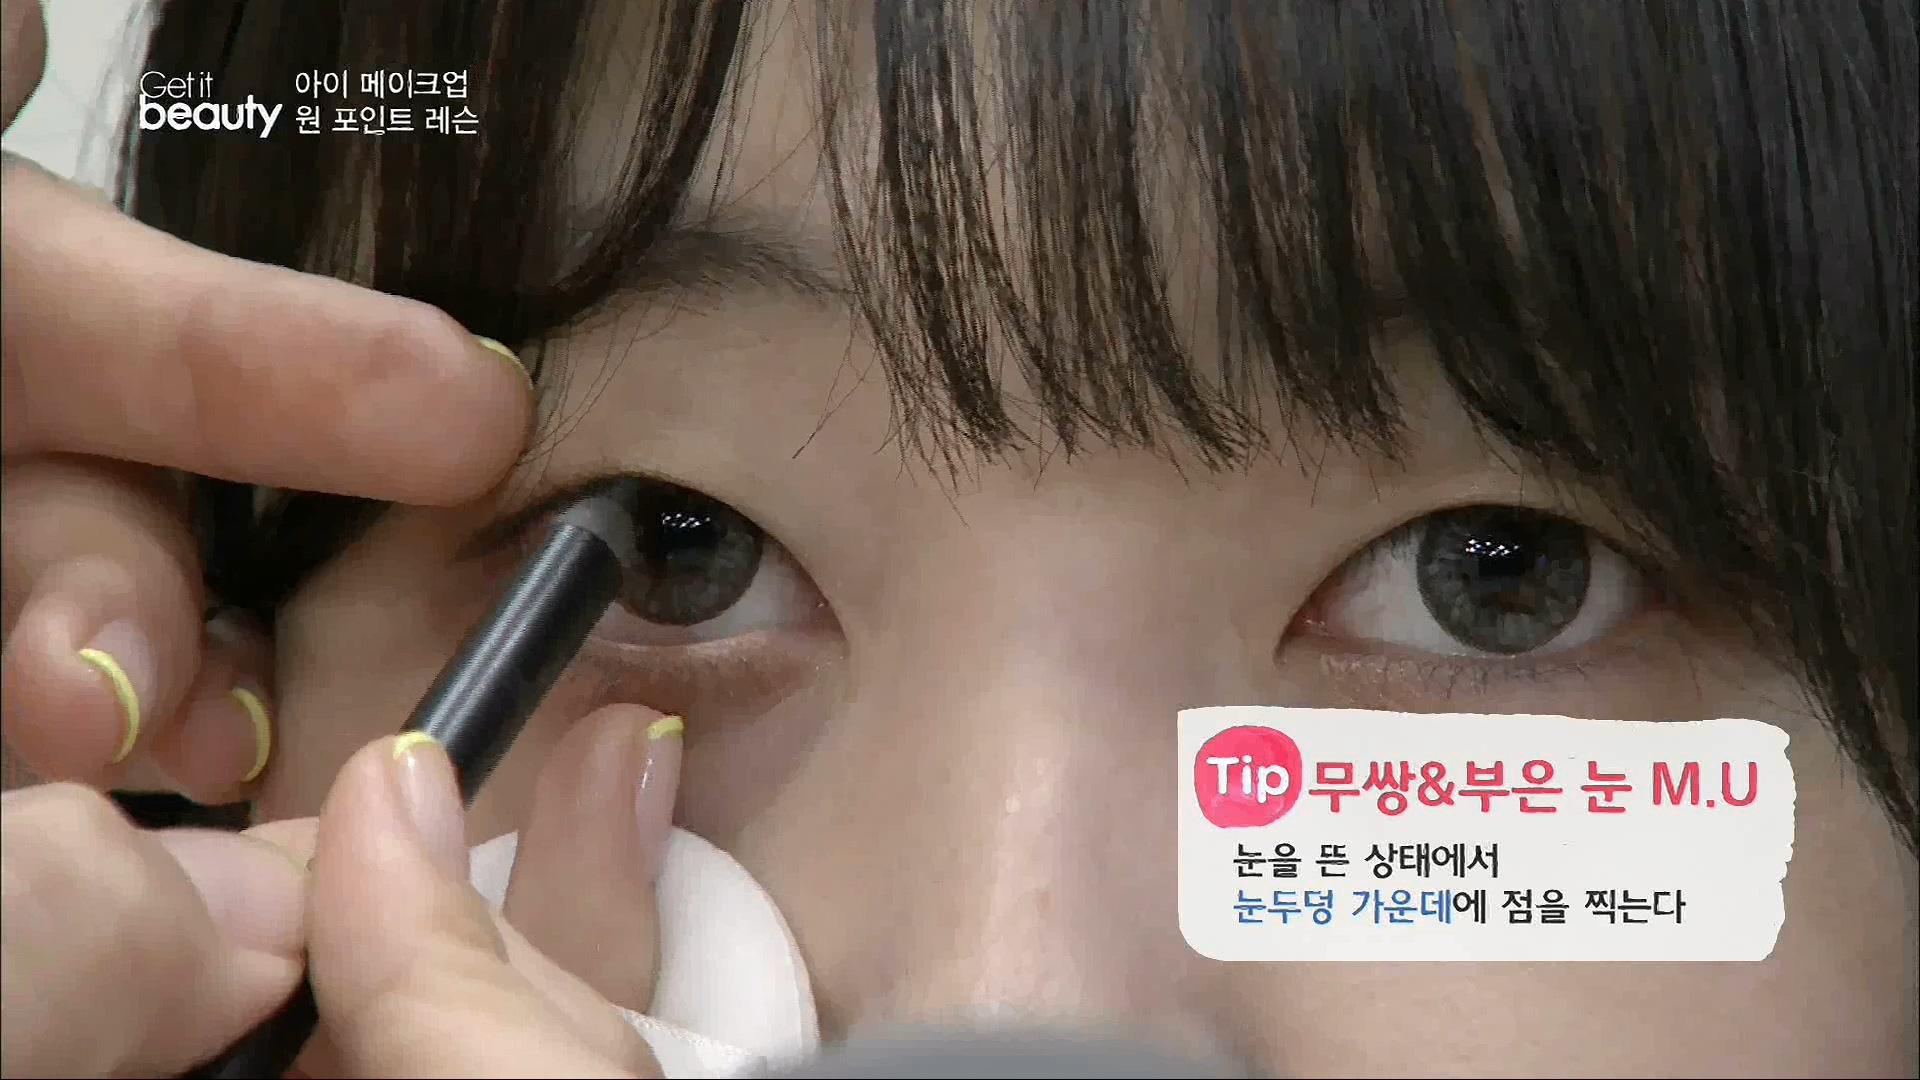 무쌍&부은 눈은 눈을 뜬 상태에서 눈두덩 가운데에 점을 찍는다.